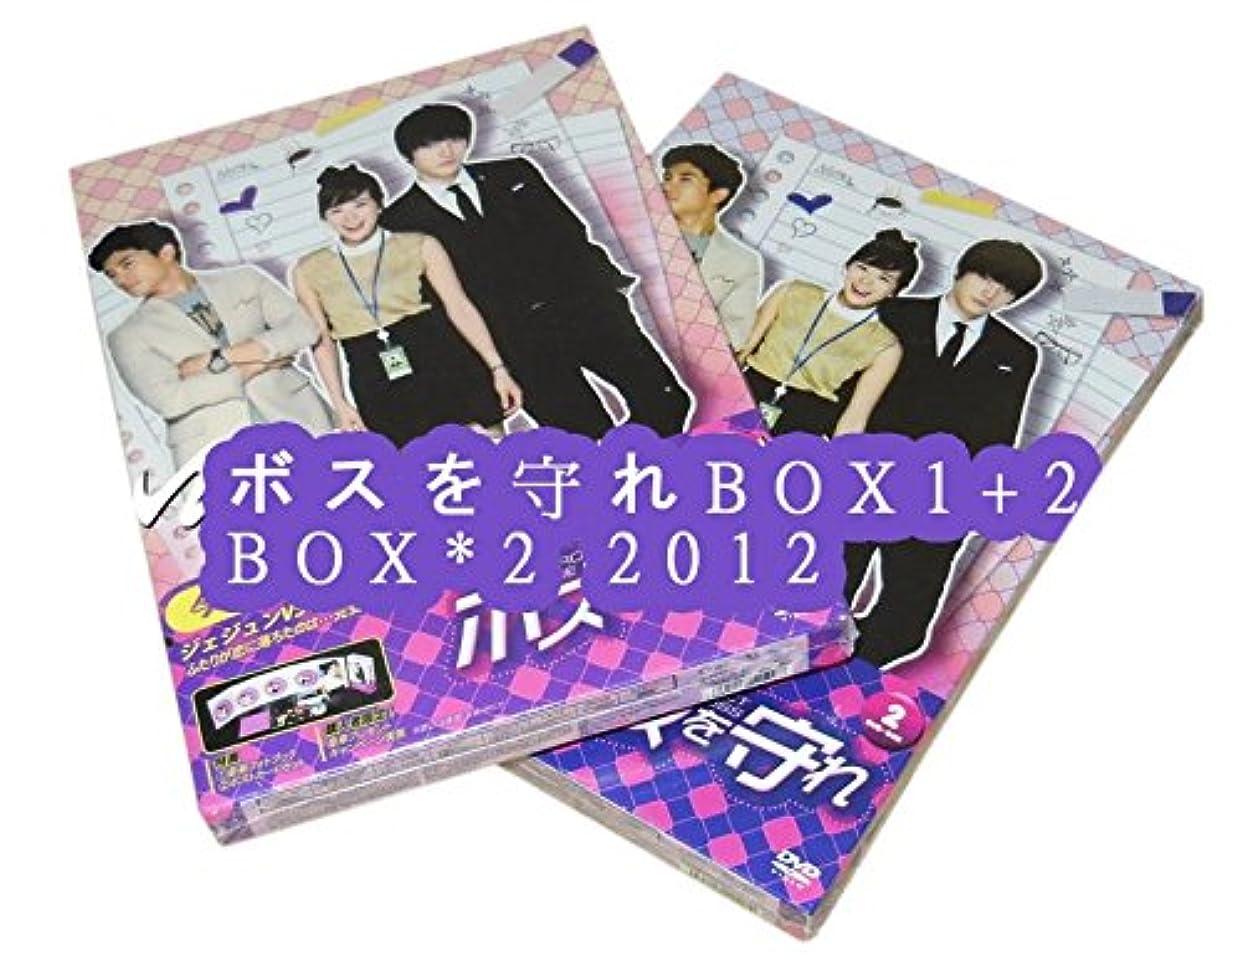 ボスを守れ BOX1+2 BOX*2 2012